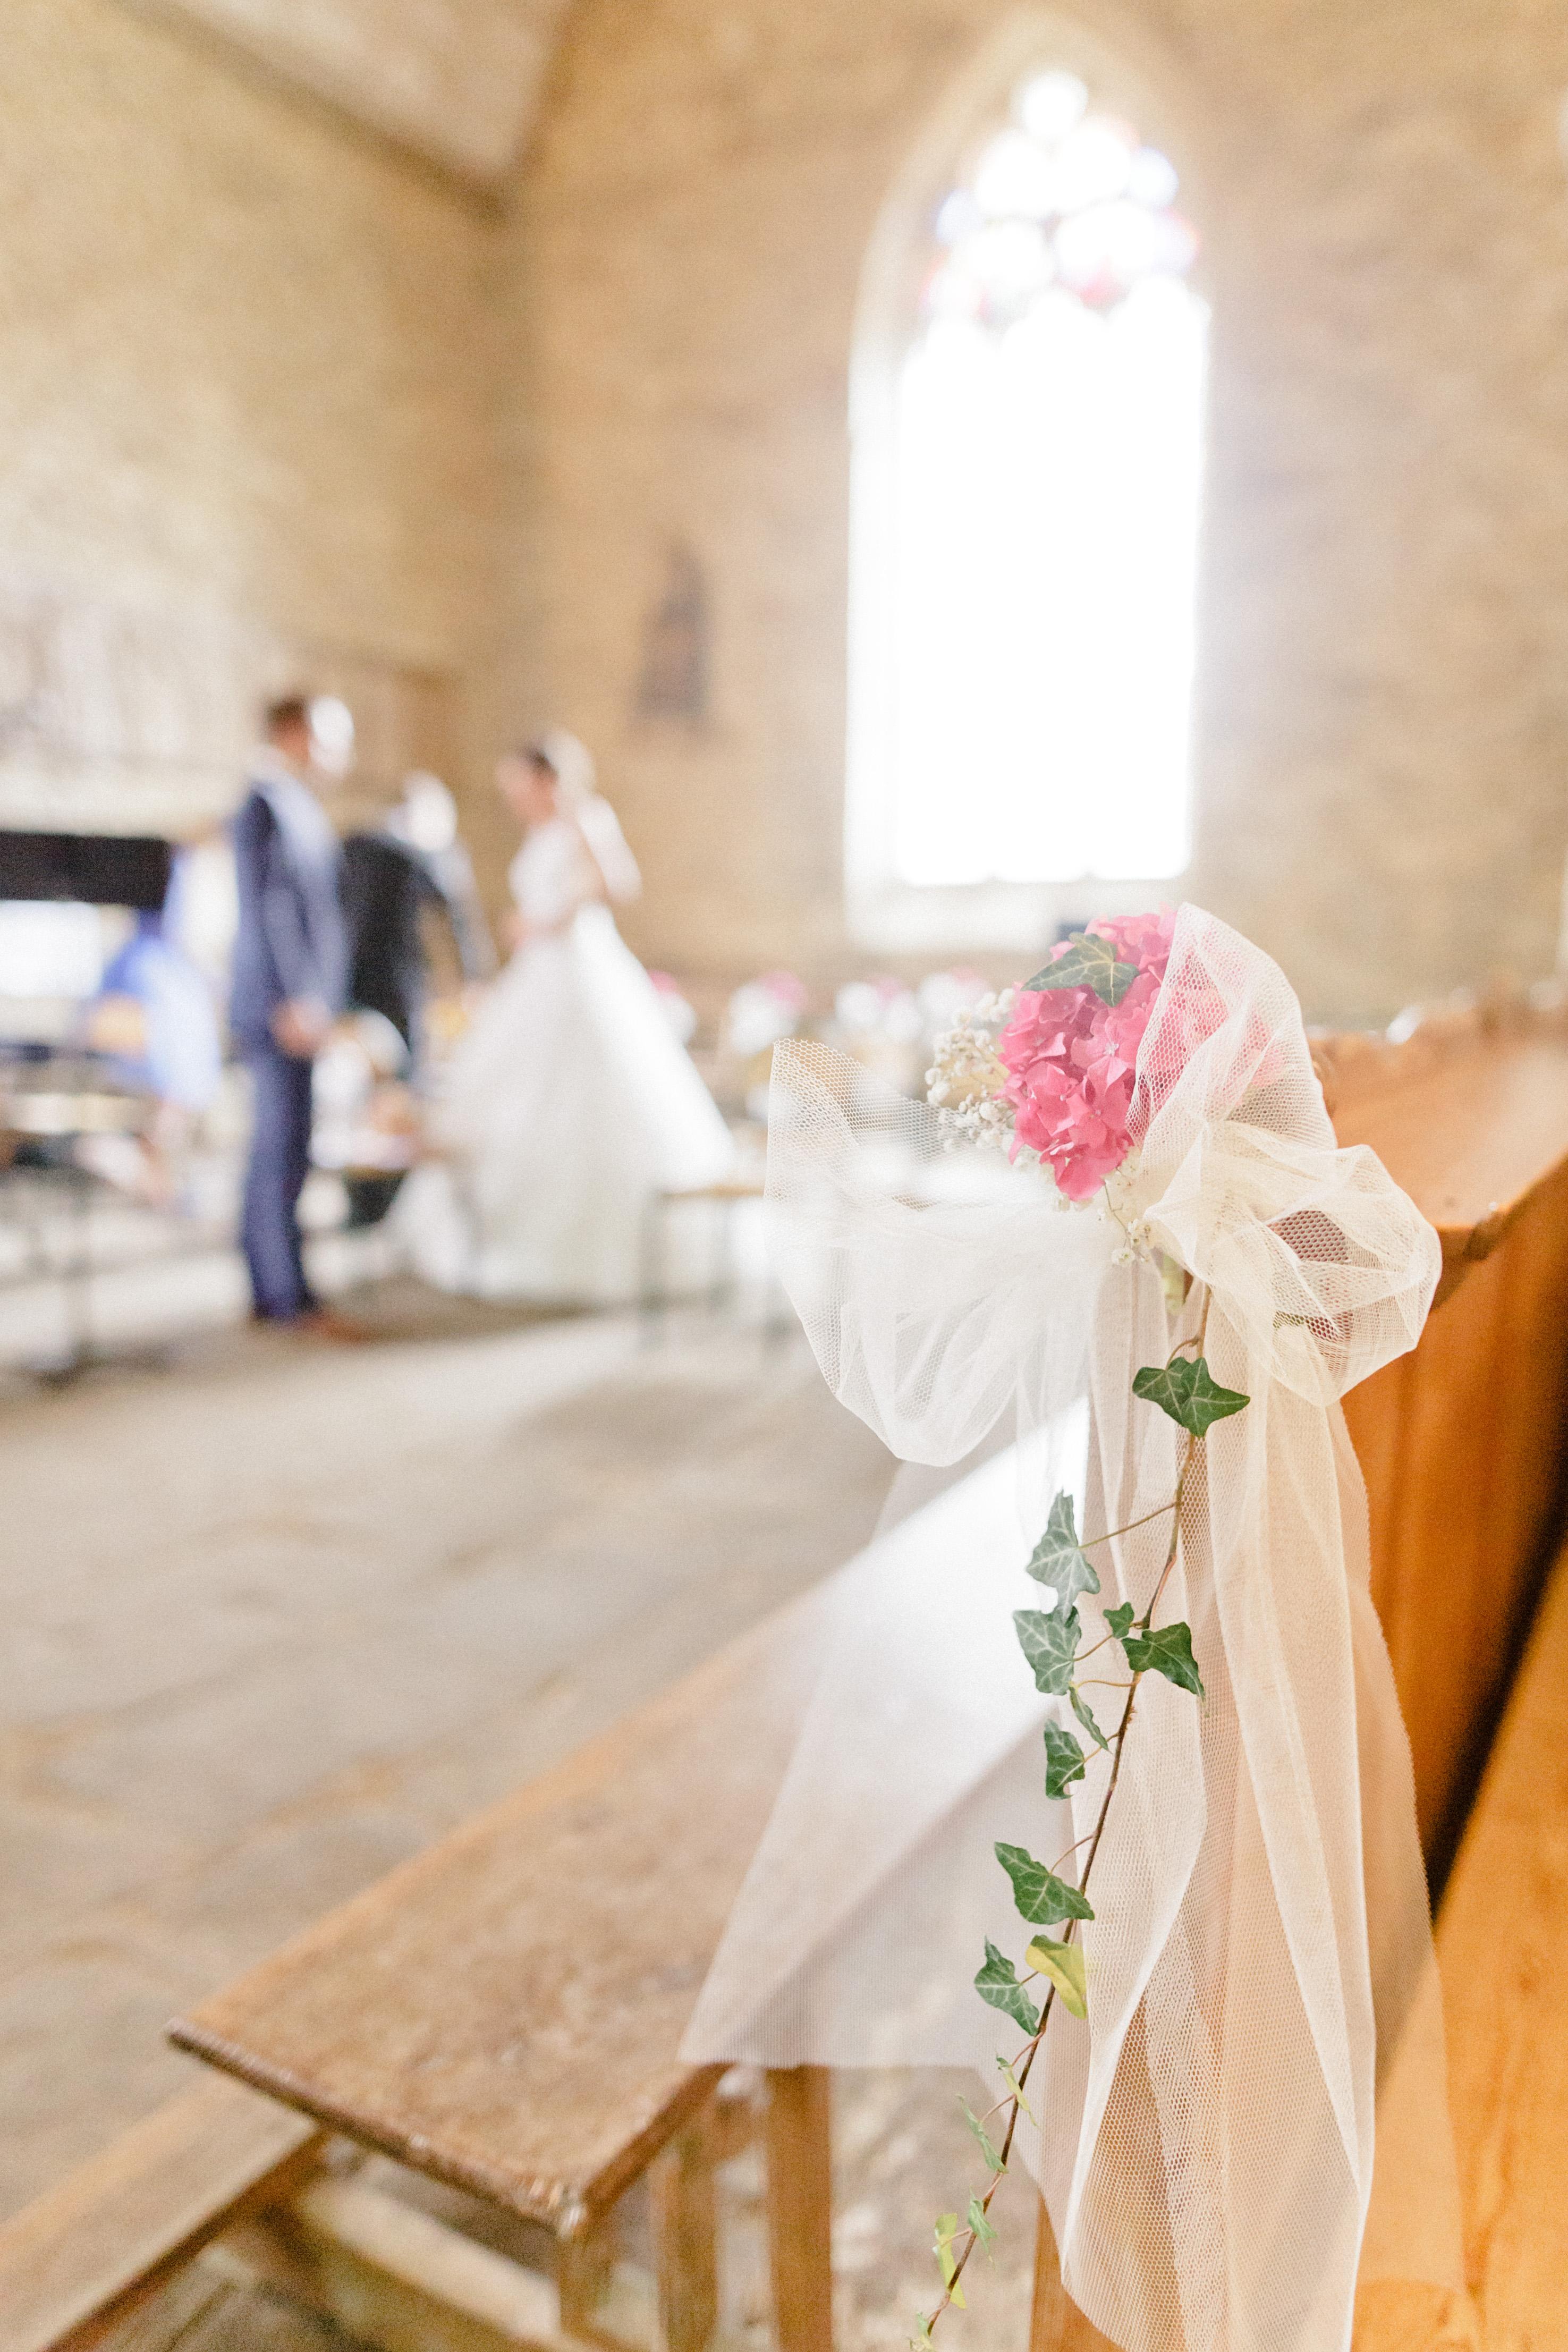 Mariage-Morbihan-Bretagne-Vannes-Lilian Vezin (82)